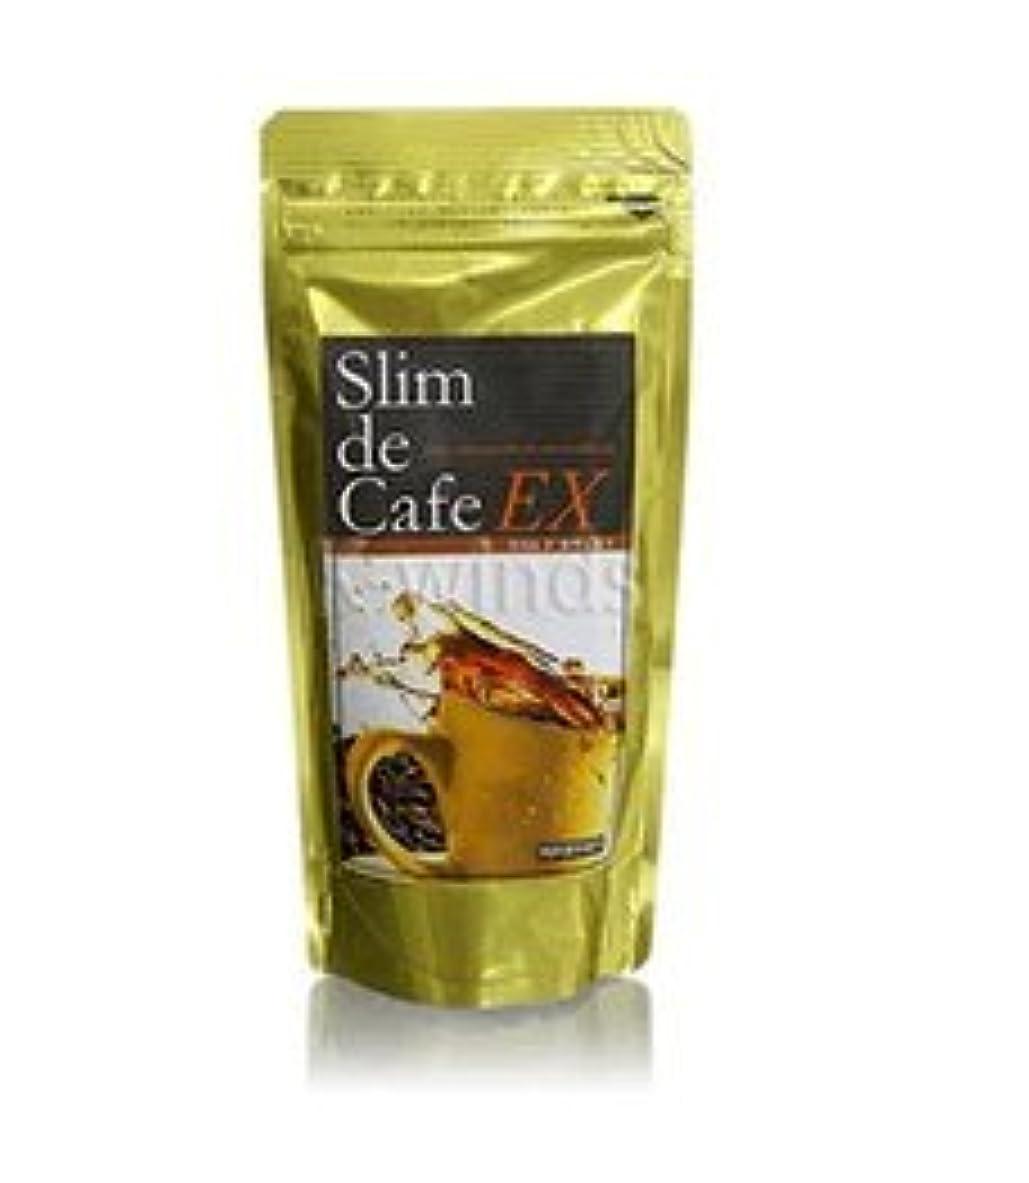 よろめくケーキ撤回するスーパー ダイエット コーヒー スリムドカフェEX